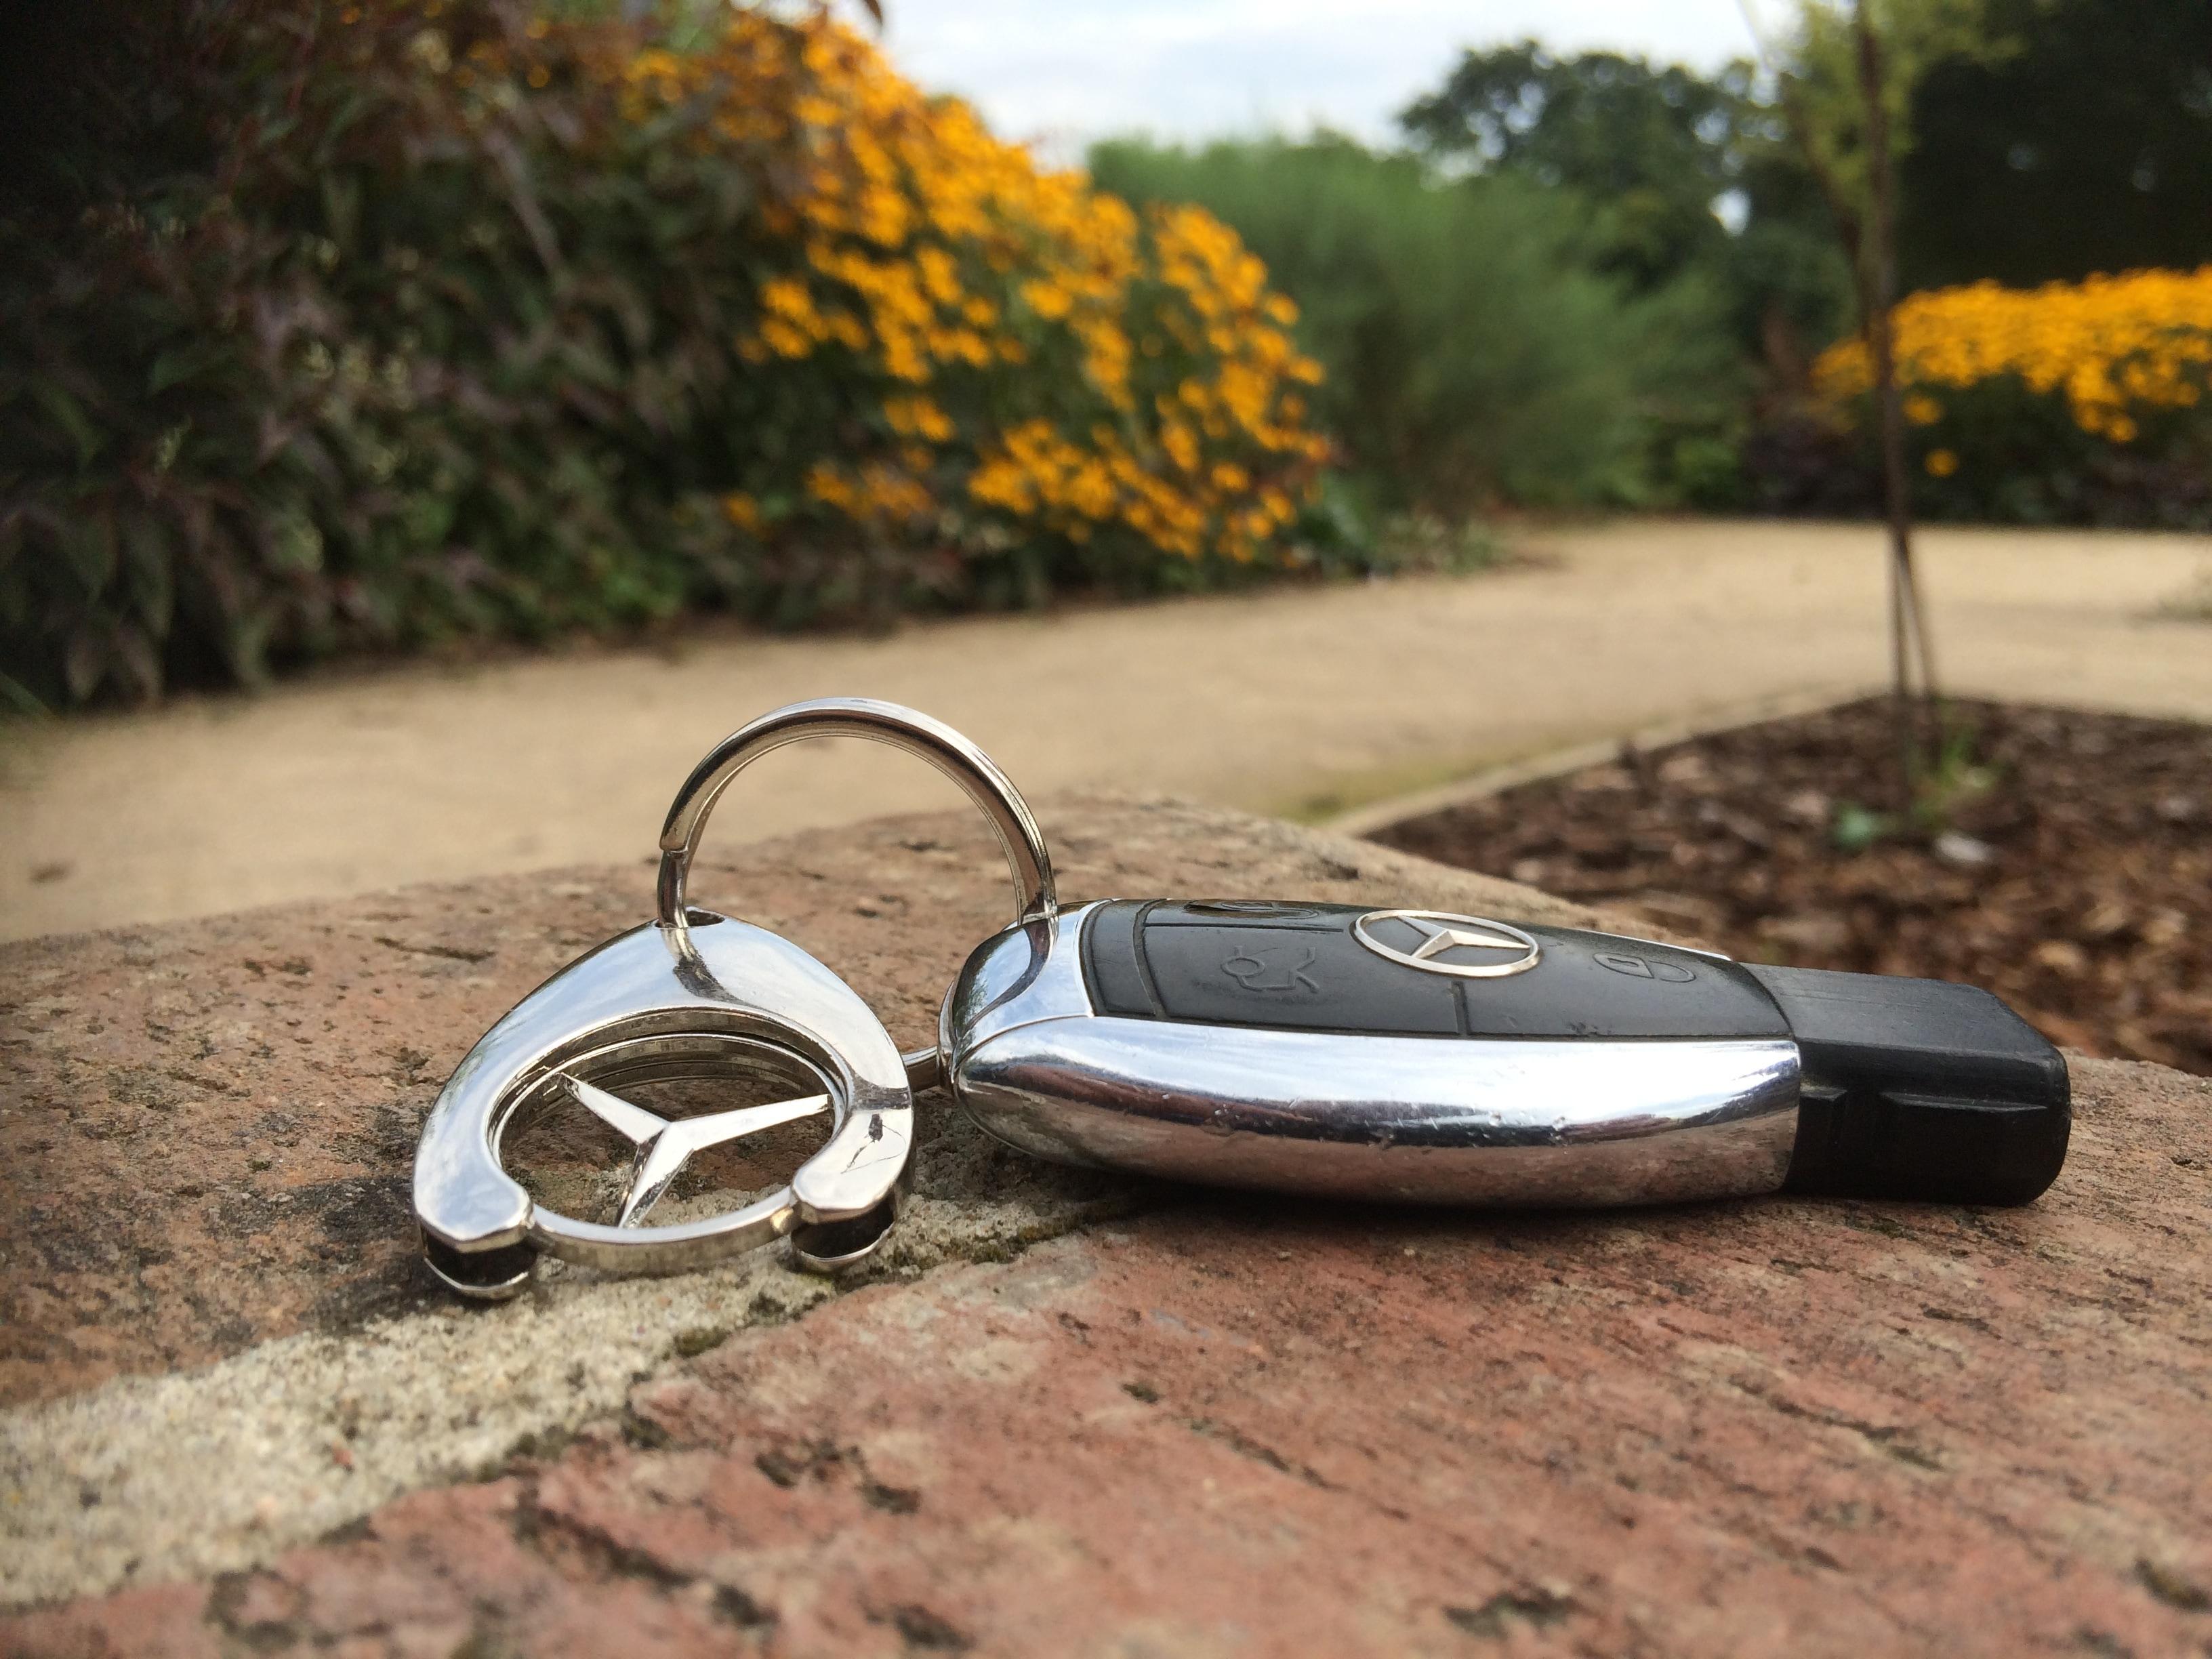 Grey And Black Mercedes Benz Car Fob Car Keys 1158837 Hd Wallpaper Backgrounds Download